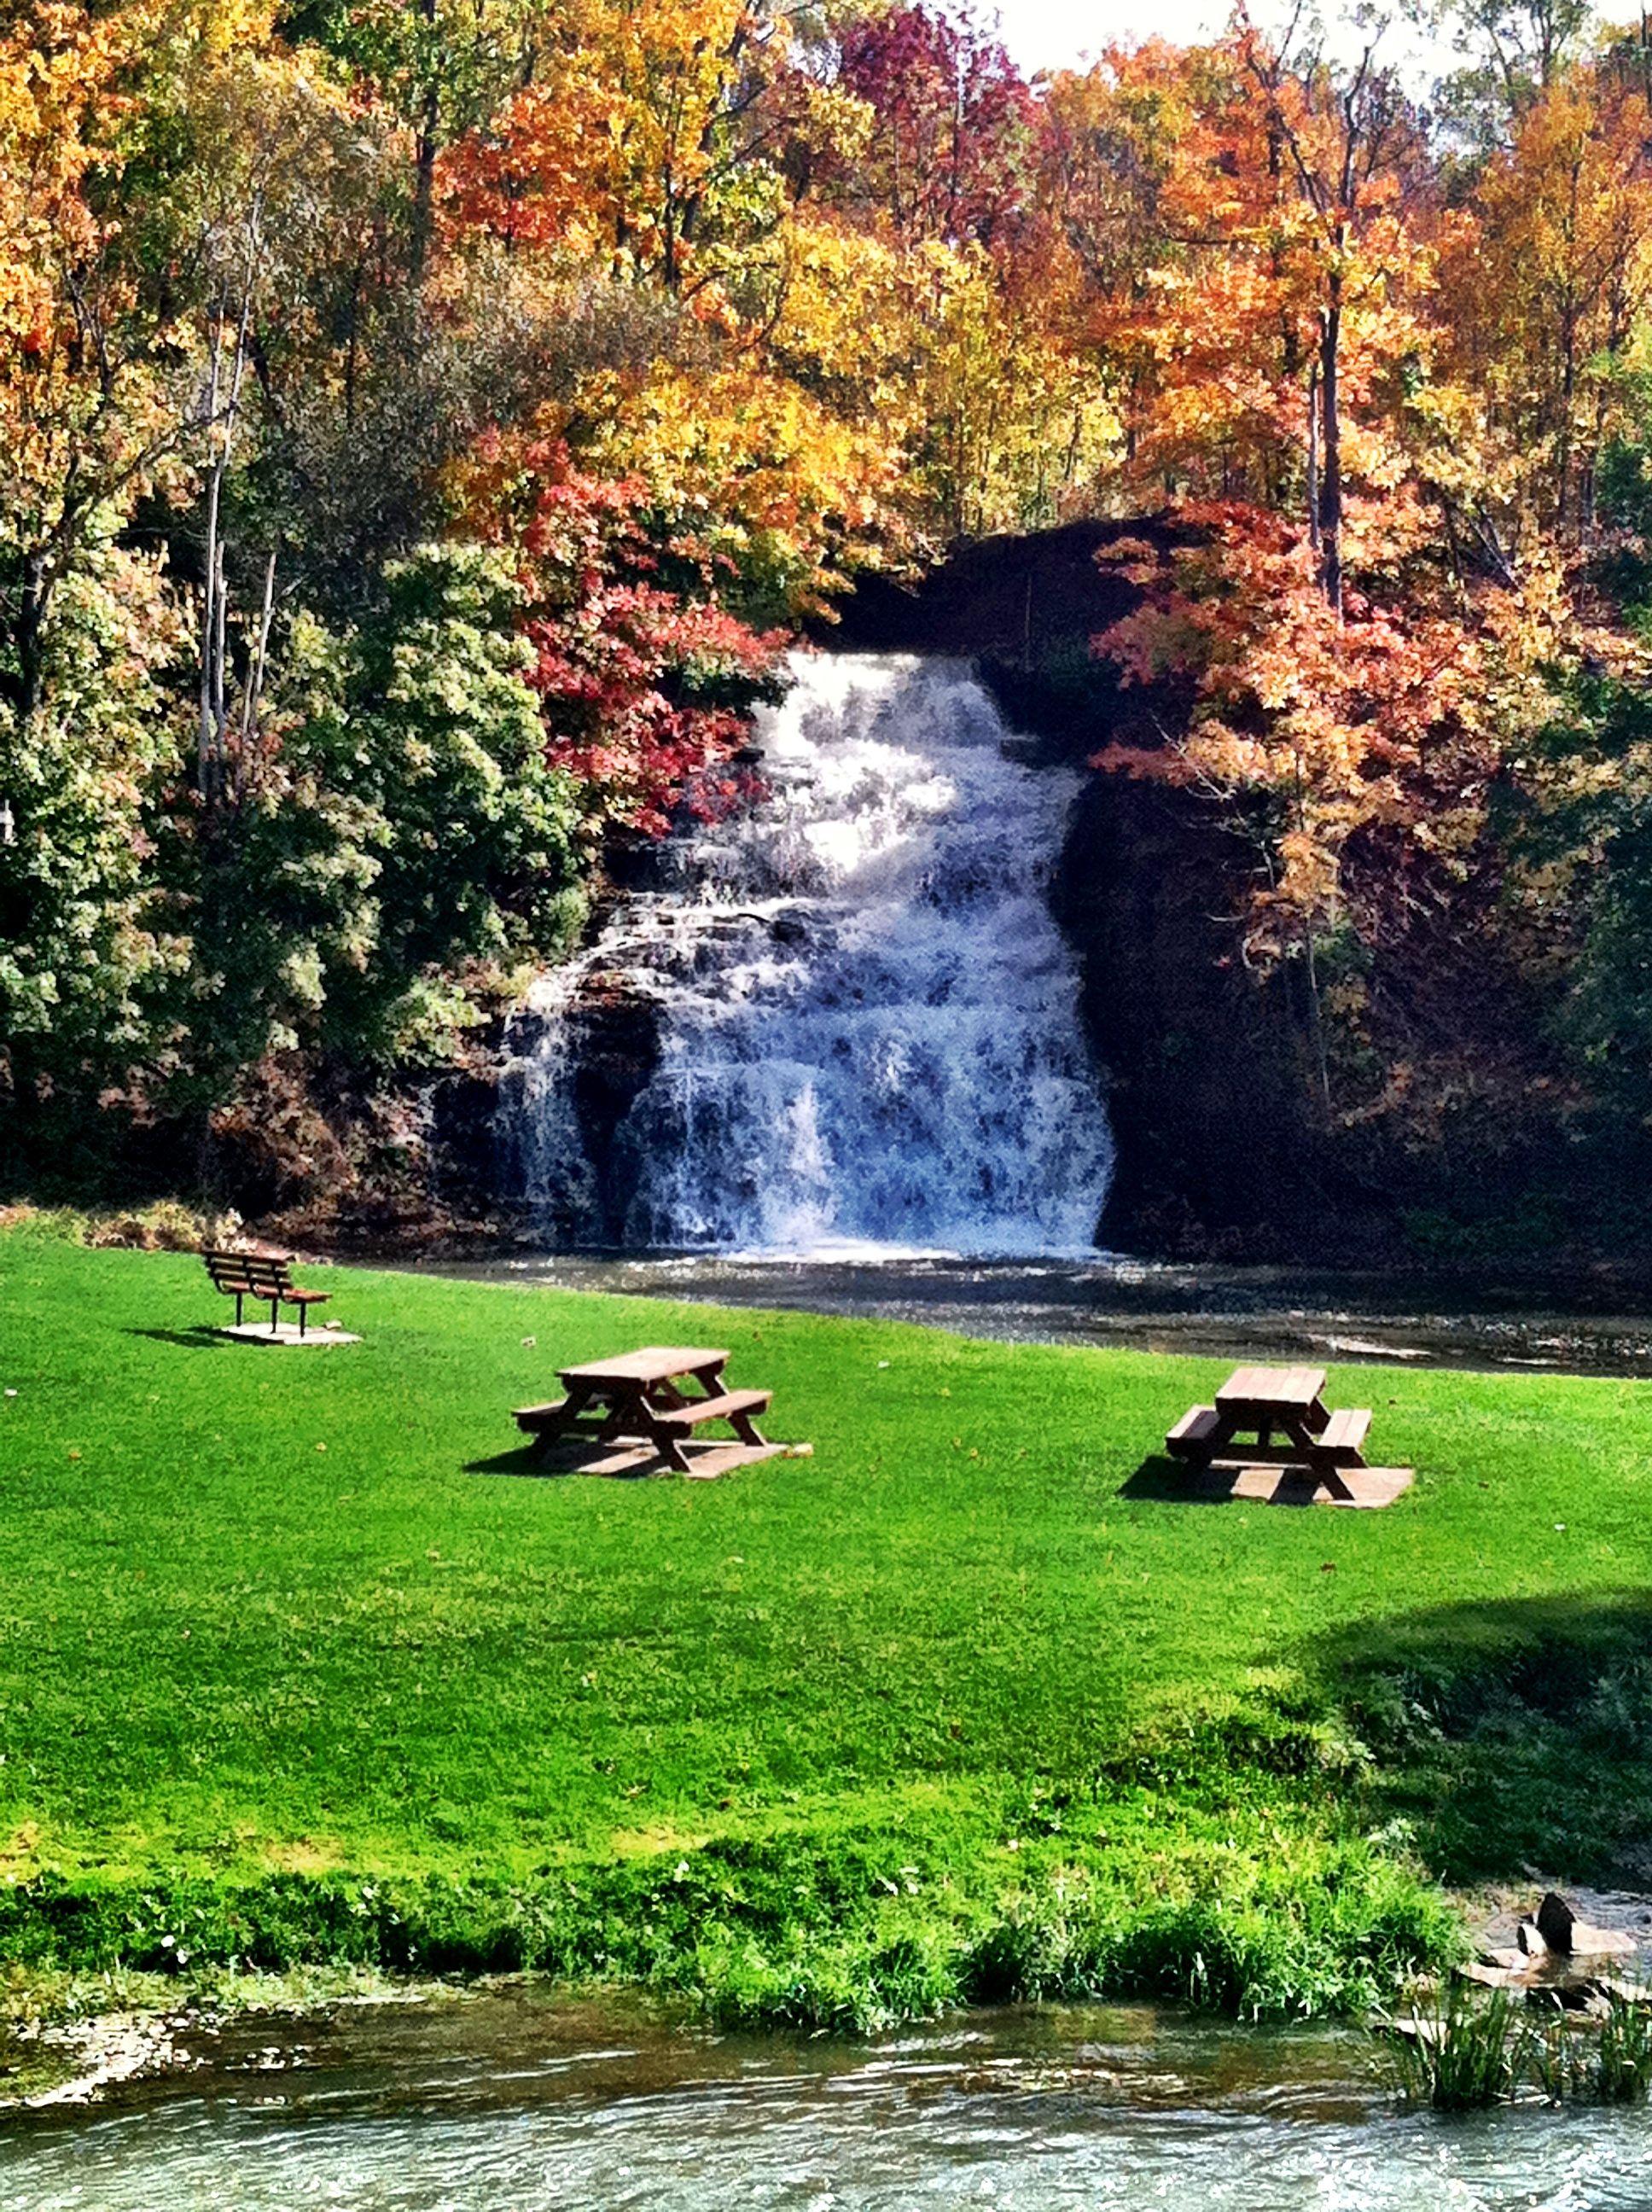 Holley Ny Falls Autumn Upstate Ny Travel New York Vacation Autumn Scenery